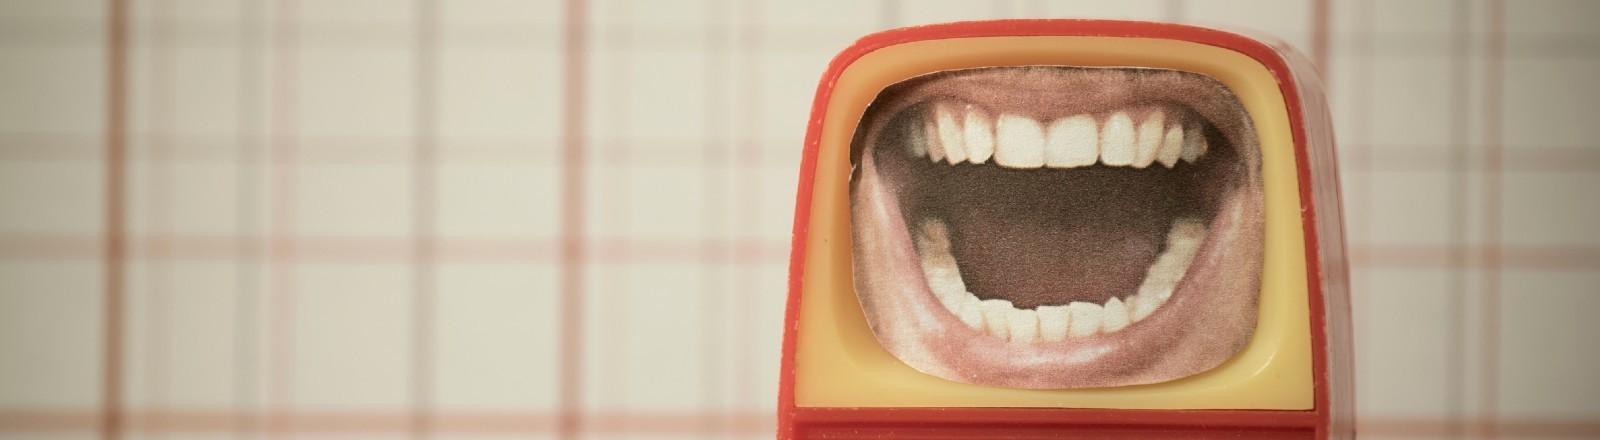 Ein Mund, der aus einem Miniatur-TV rausschaut